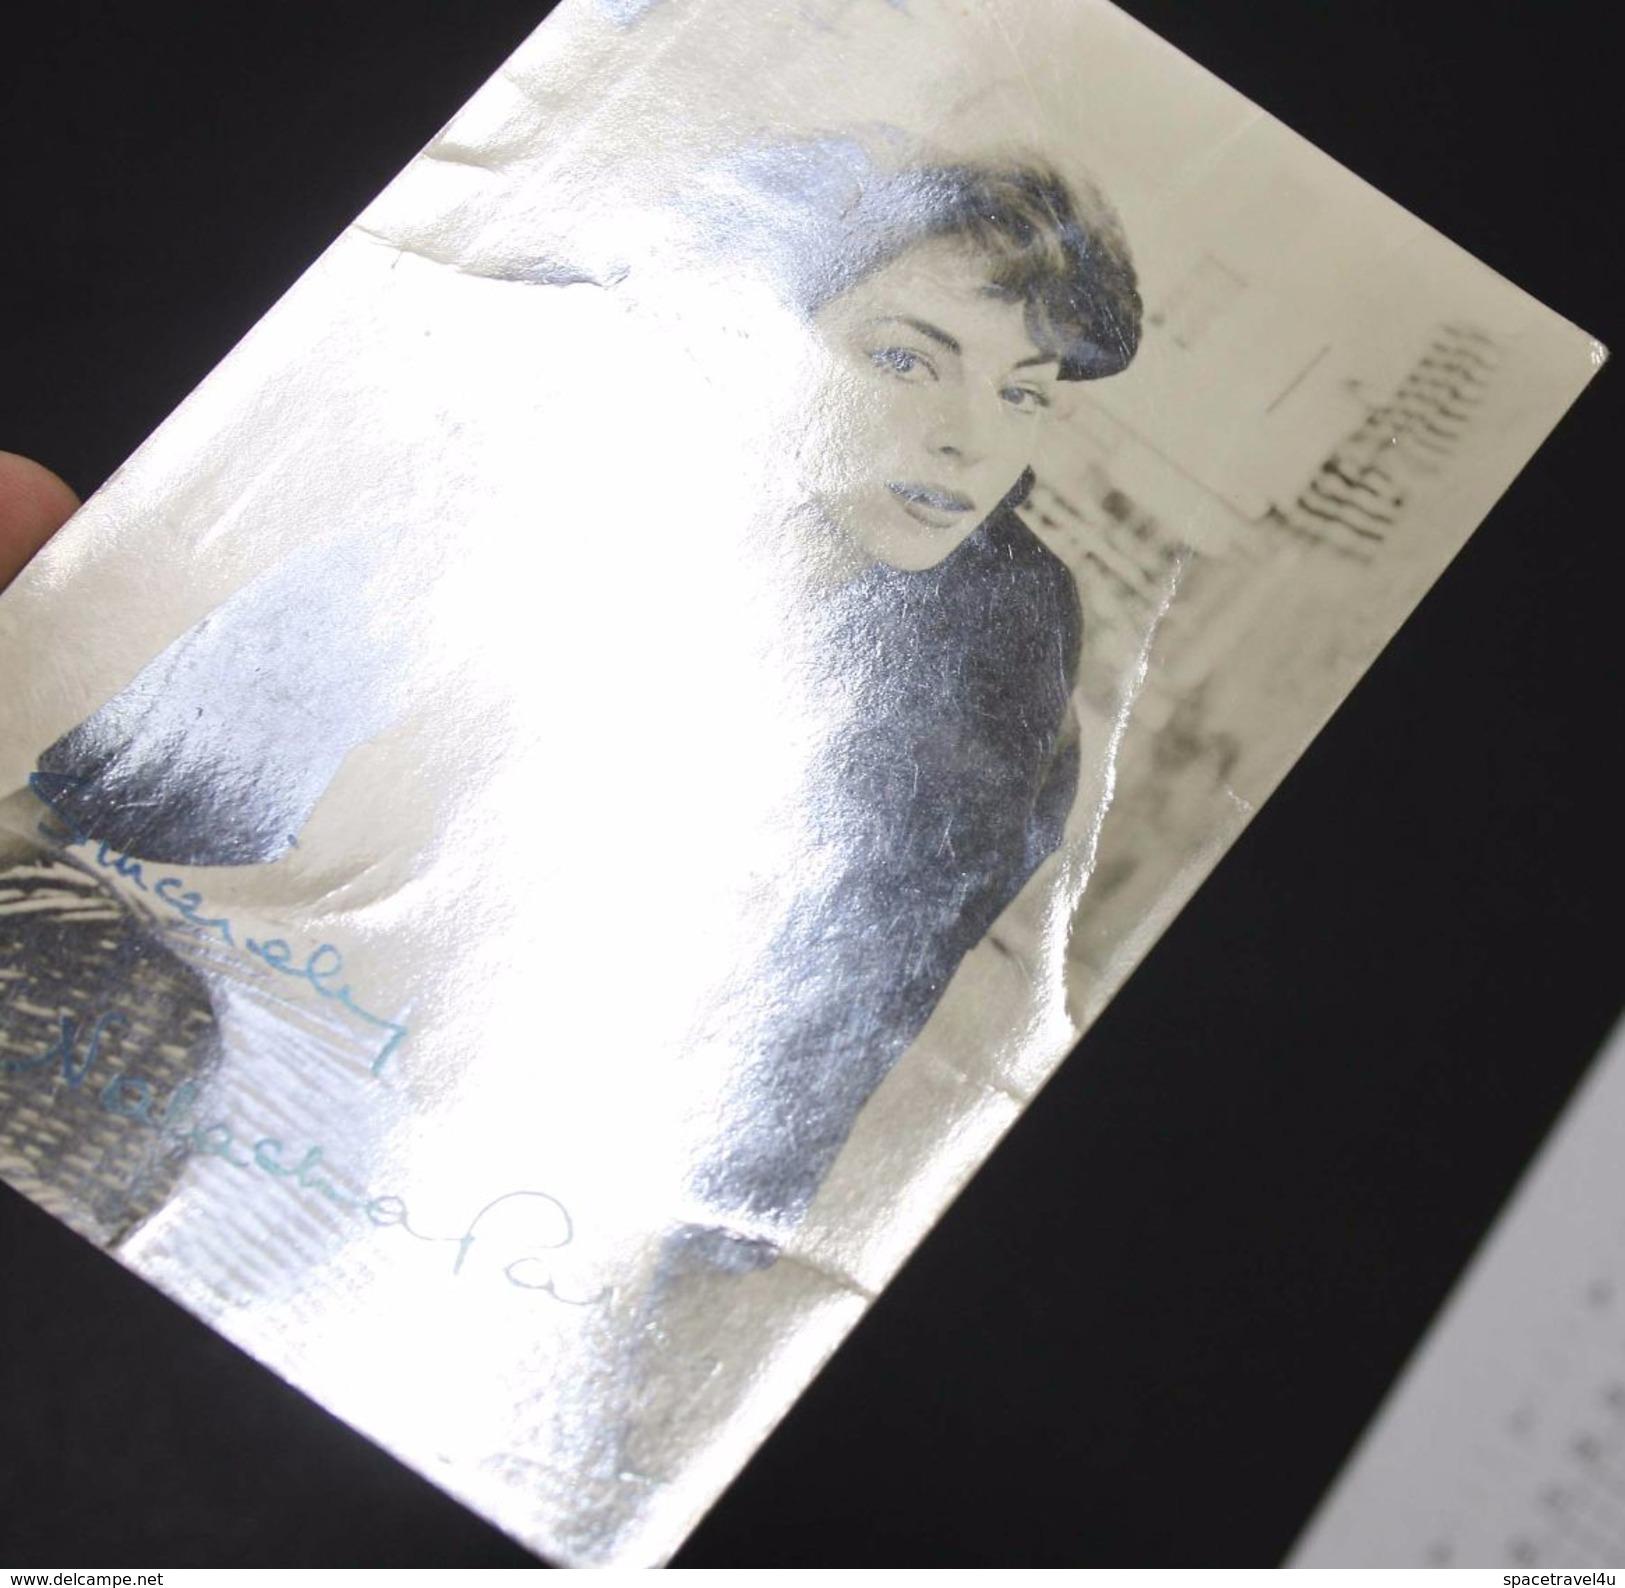 NATASHA PARRY - Vintage PHOTO Autograph REPRINT (AT-12) - Reproductions